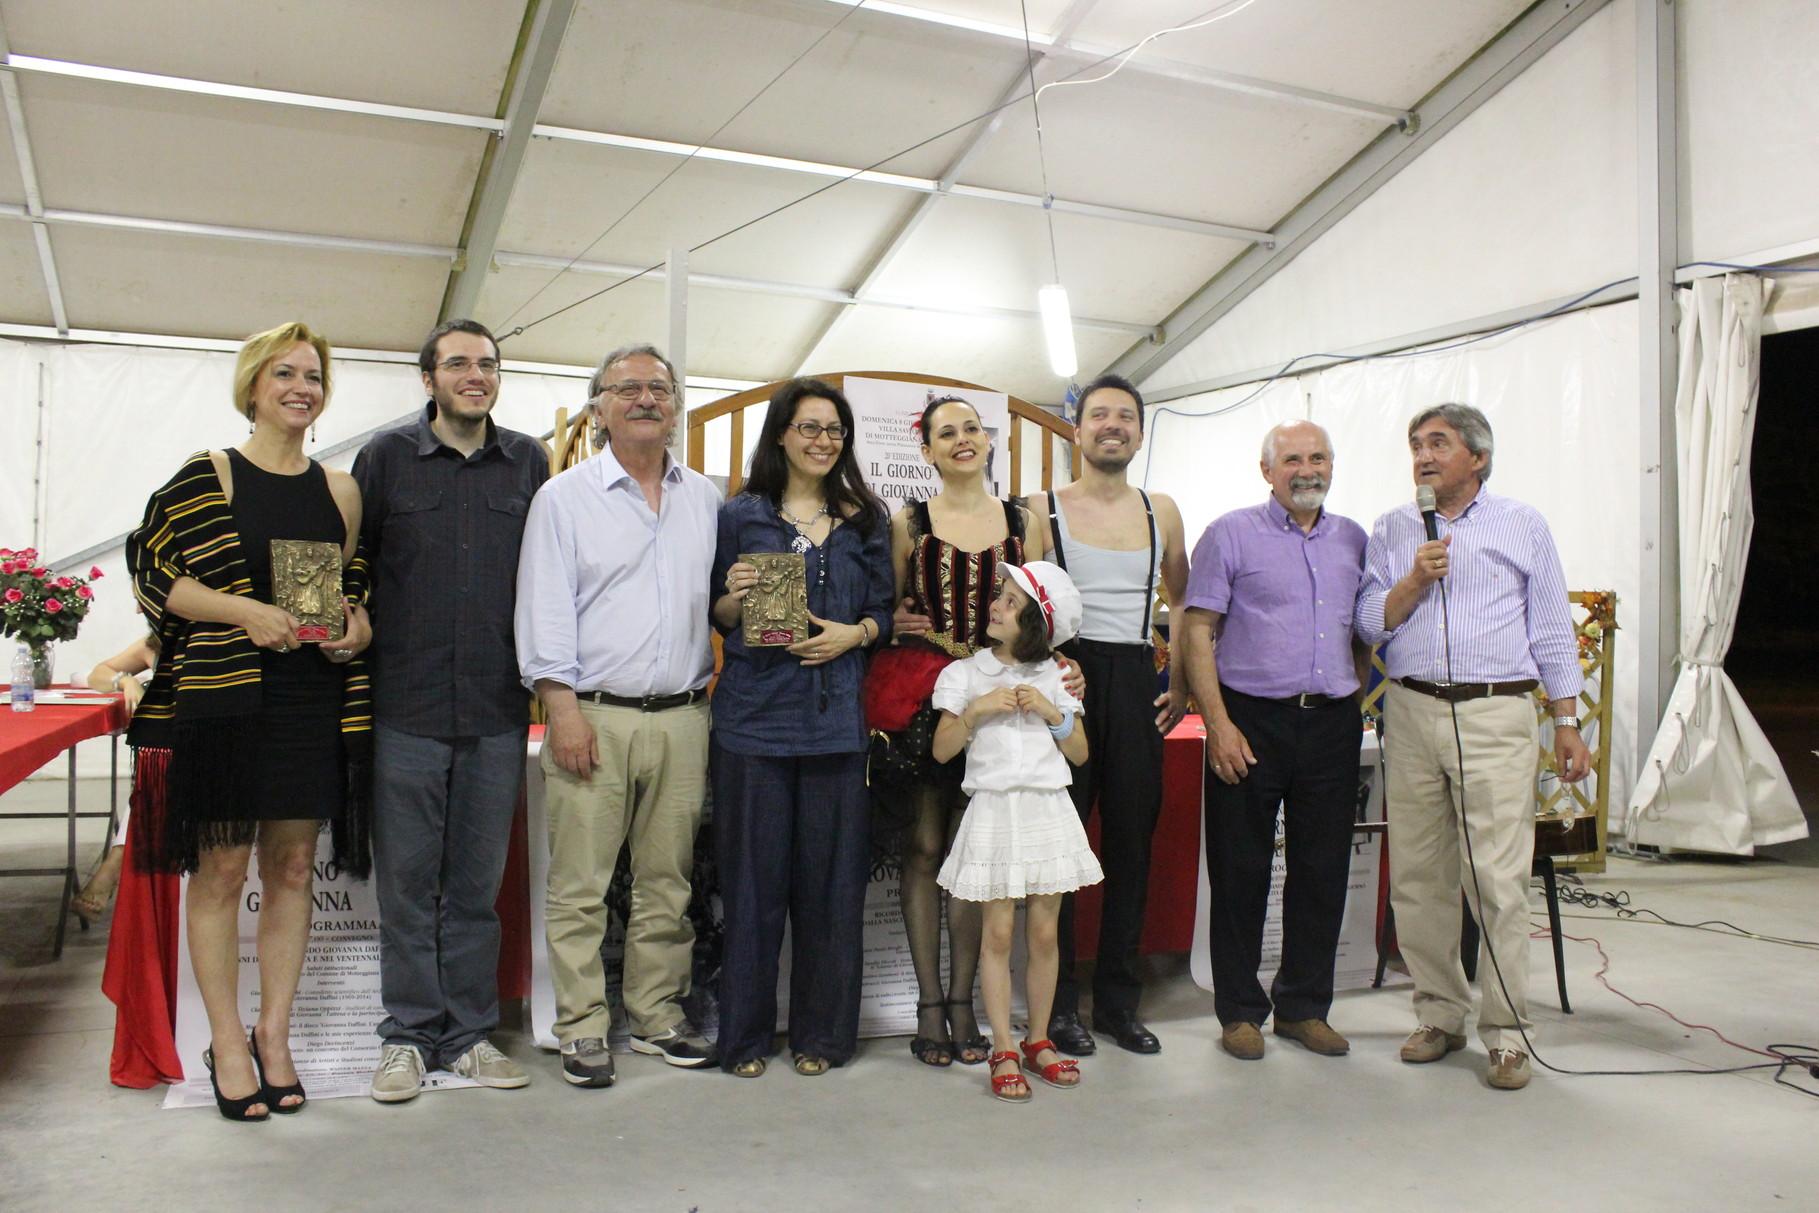 foto di gruppo dei vincitori al premio Daffini 2014